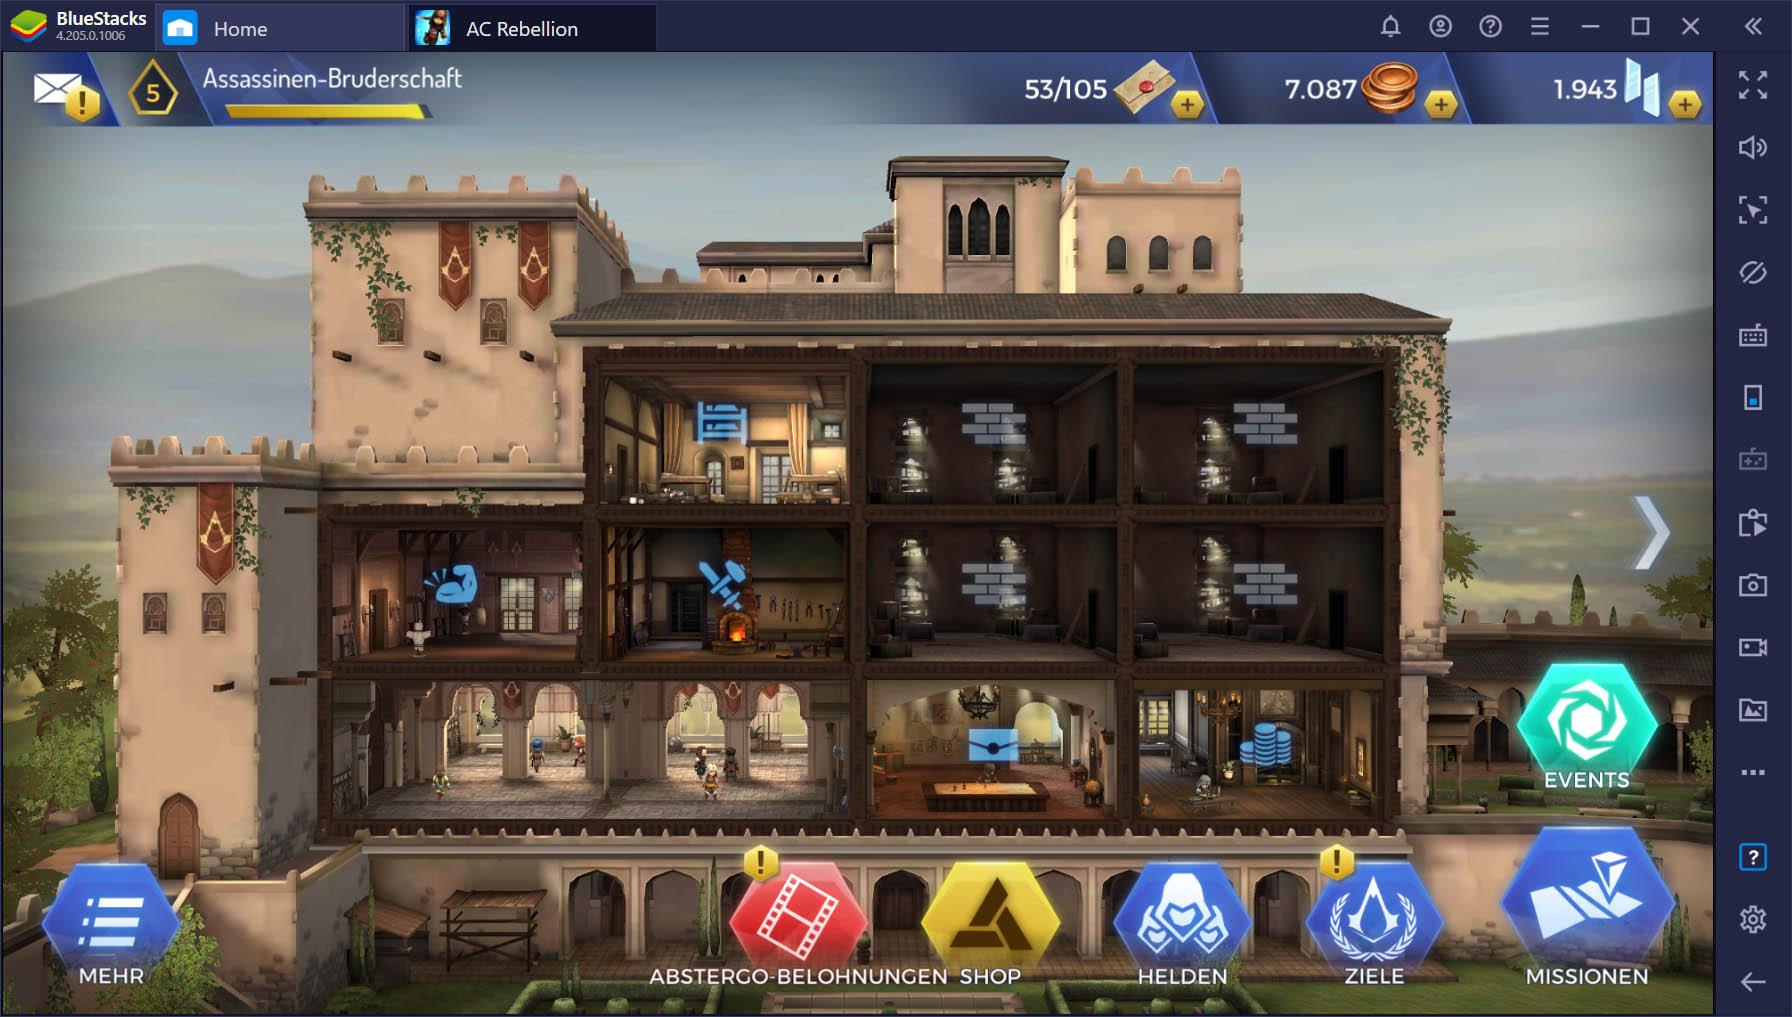 Assassin's Creed: Rebellion – Rangliste der besten Charaktere im Spiel